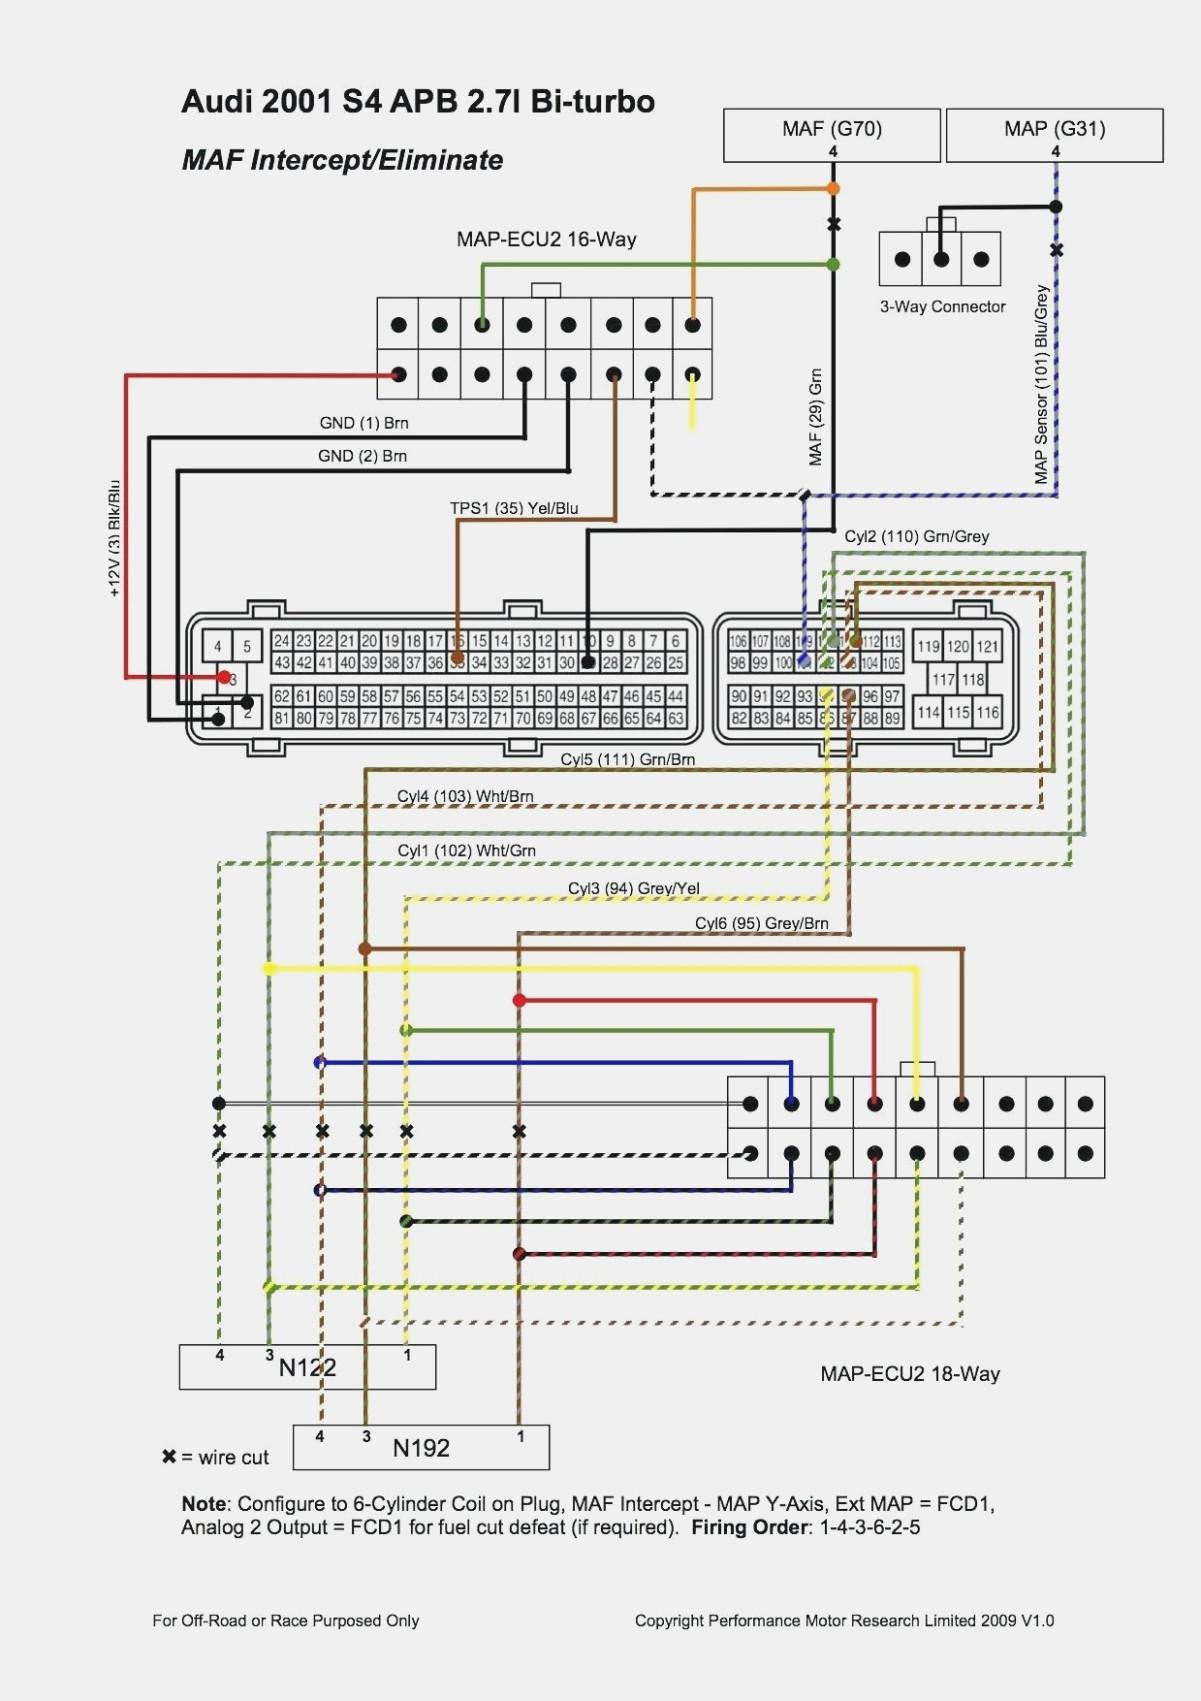 2002 Dodge Intrepid Engine Diagram 2000 Dodge Intrepid Stereo Wiring Diagram Wiring Diagram Will Be A Of 2002 Dodge Intrepid Engine Diagram 1997 Dodge Intrepid 3 5 Engine Diagram Schematics Wiring Diagrams •